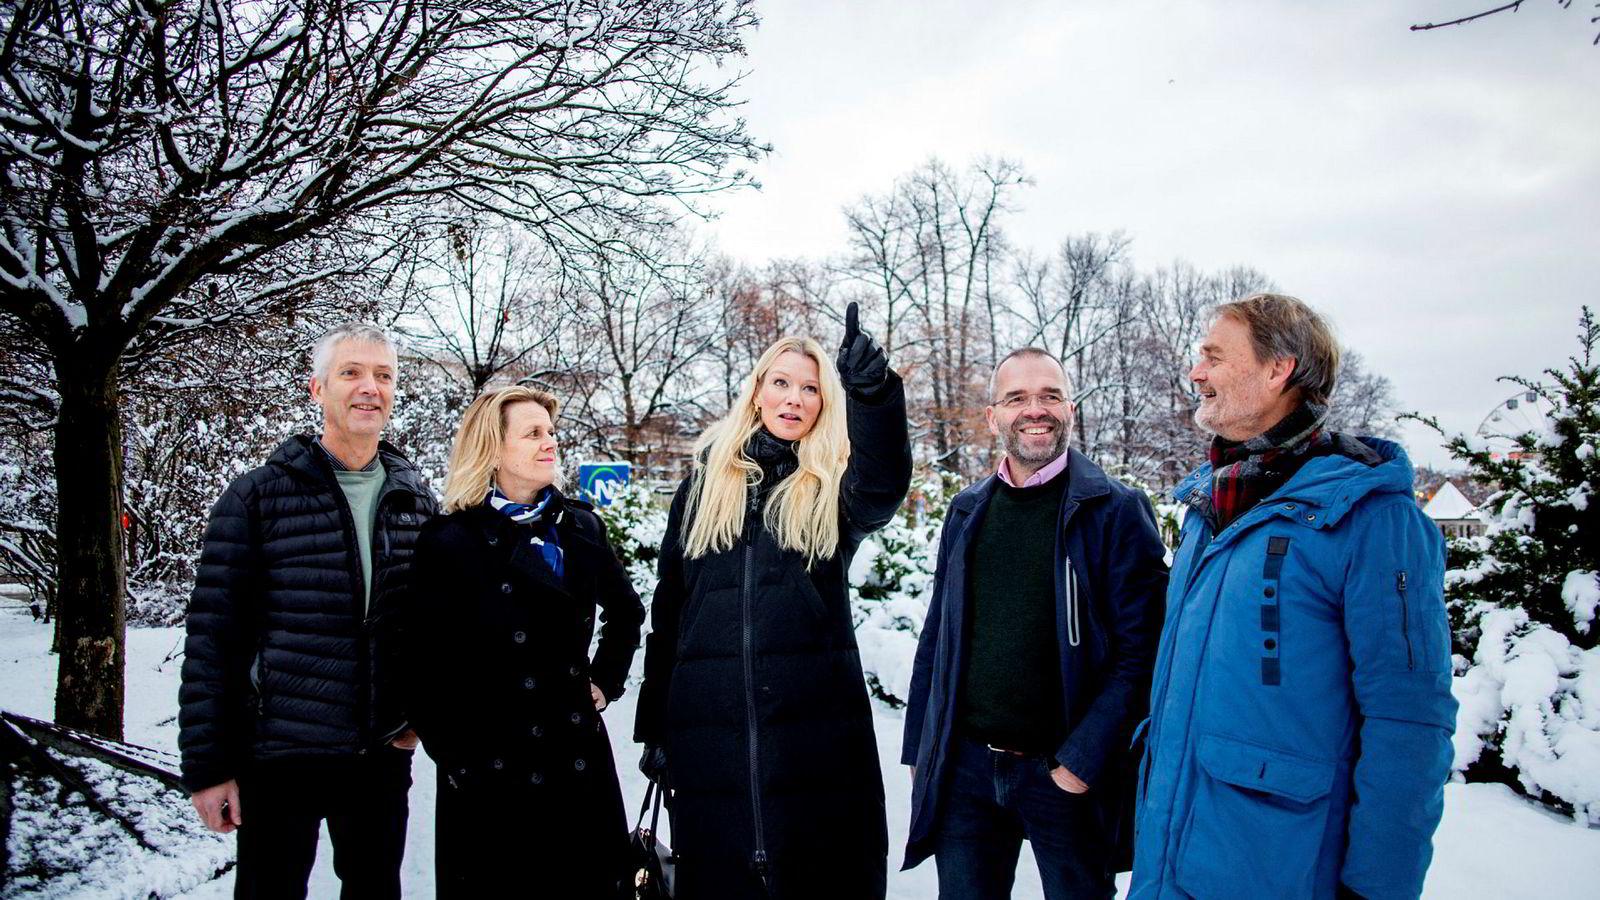 Sjeføkonom Kari Due-Andresen peker på mørke skyer i horisonten for global økonomi. Fra venstre: Steinar Holden, Hilde Bjørnland, Kari Due-Andresen, Ragnar Torvik og Knut Røed.